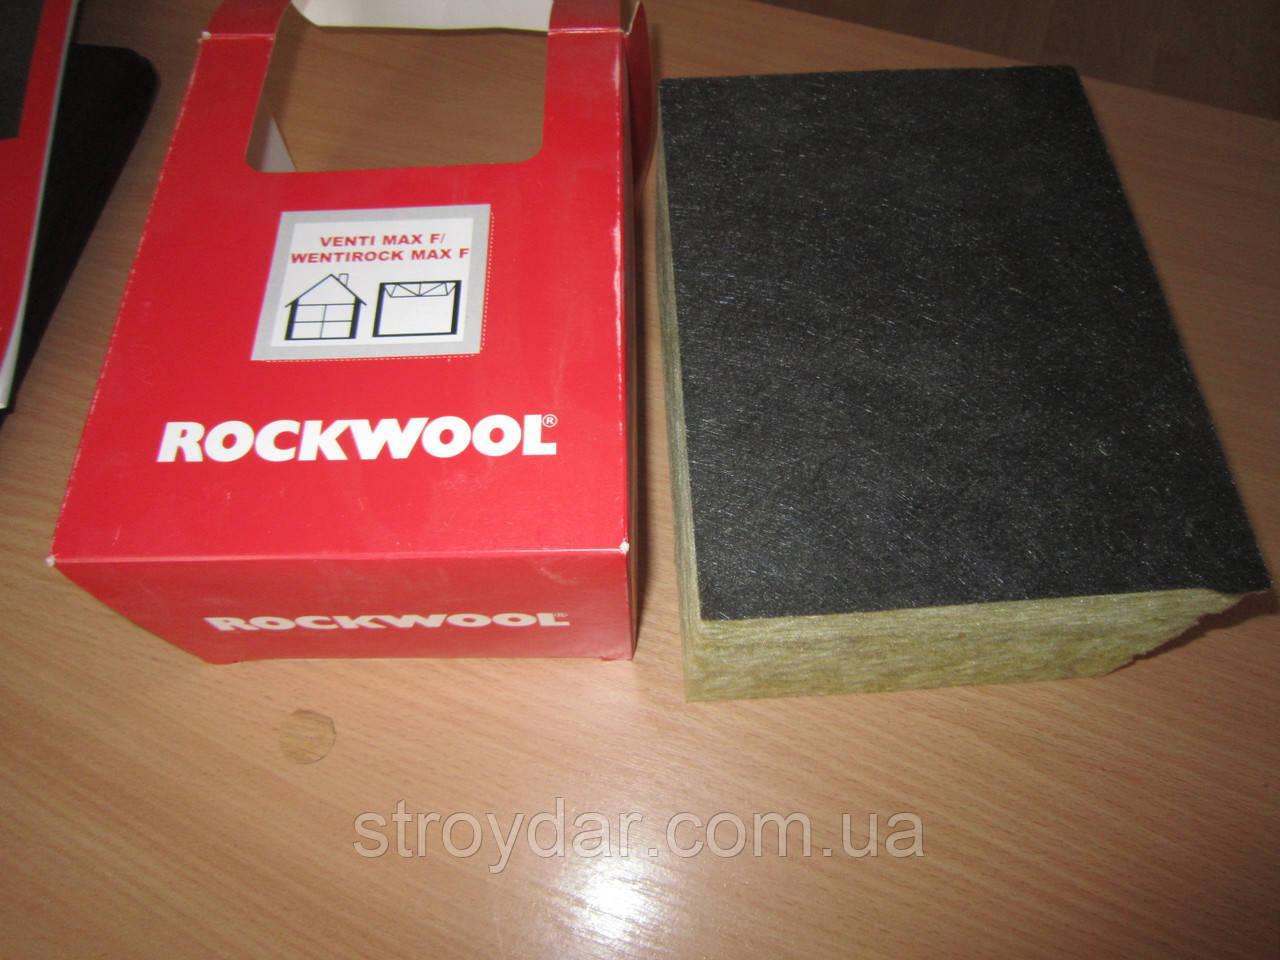 Утеплювач базальтовий Rockwool Wentirock max 100мм (на вентильований фасад)